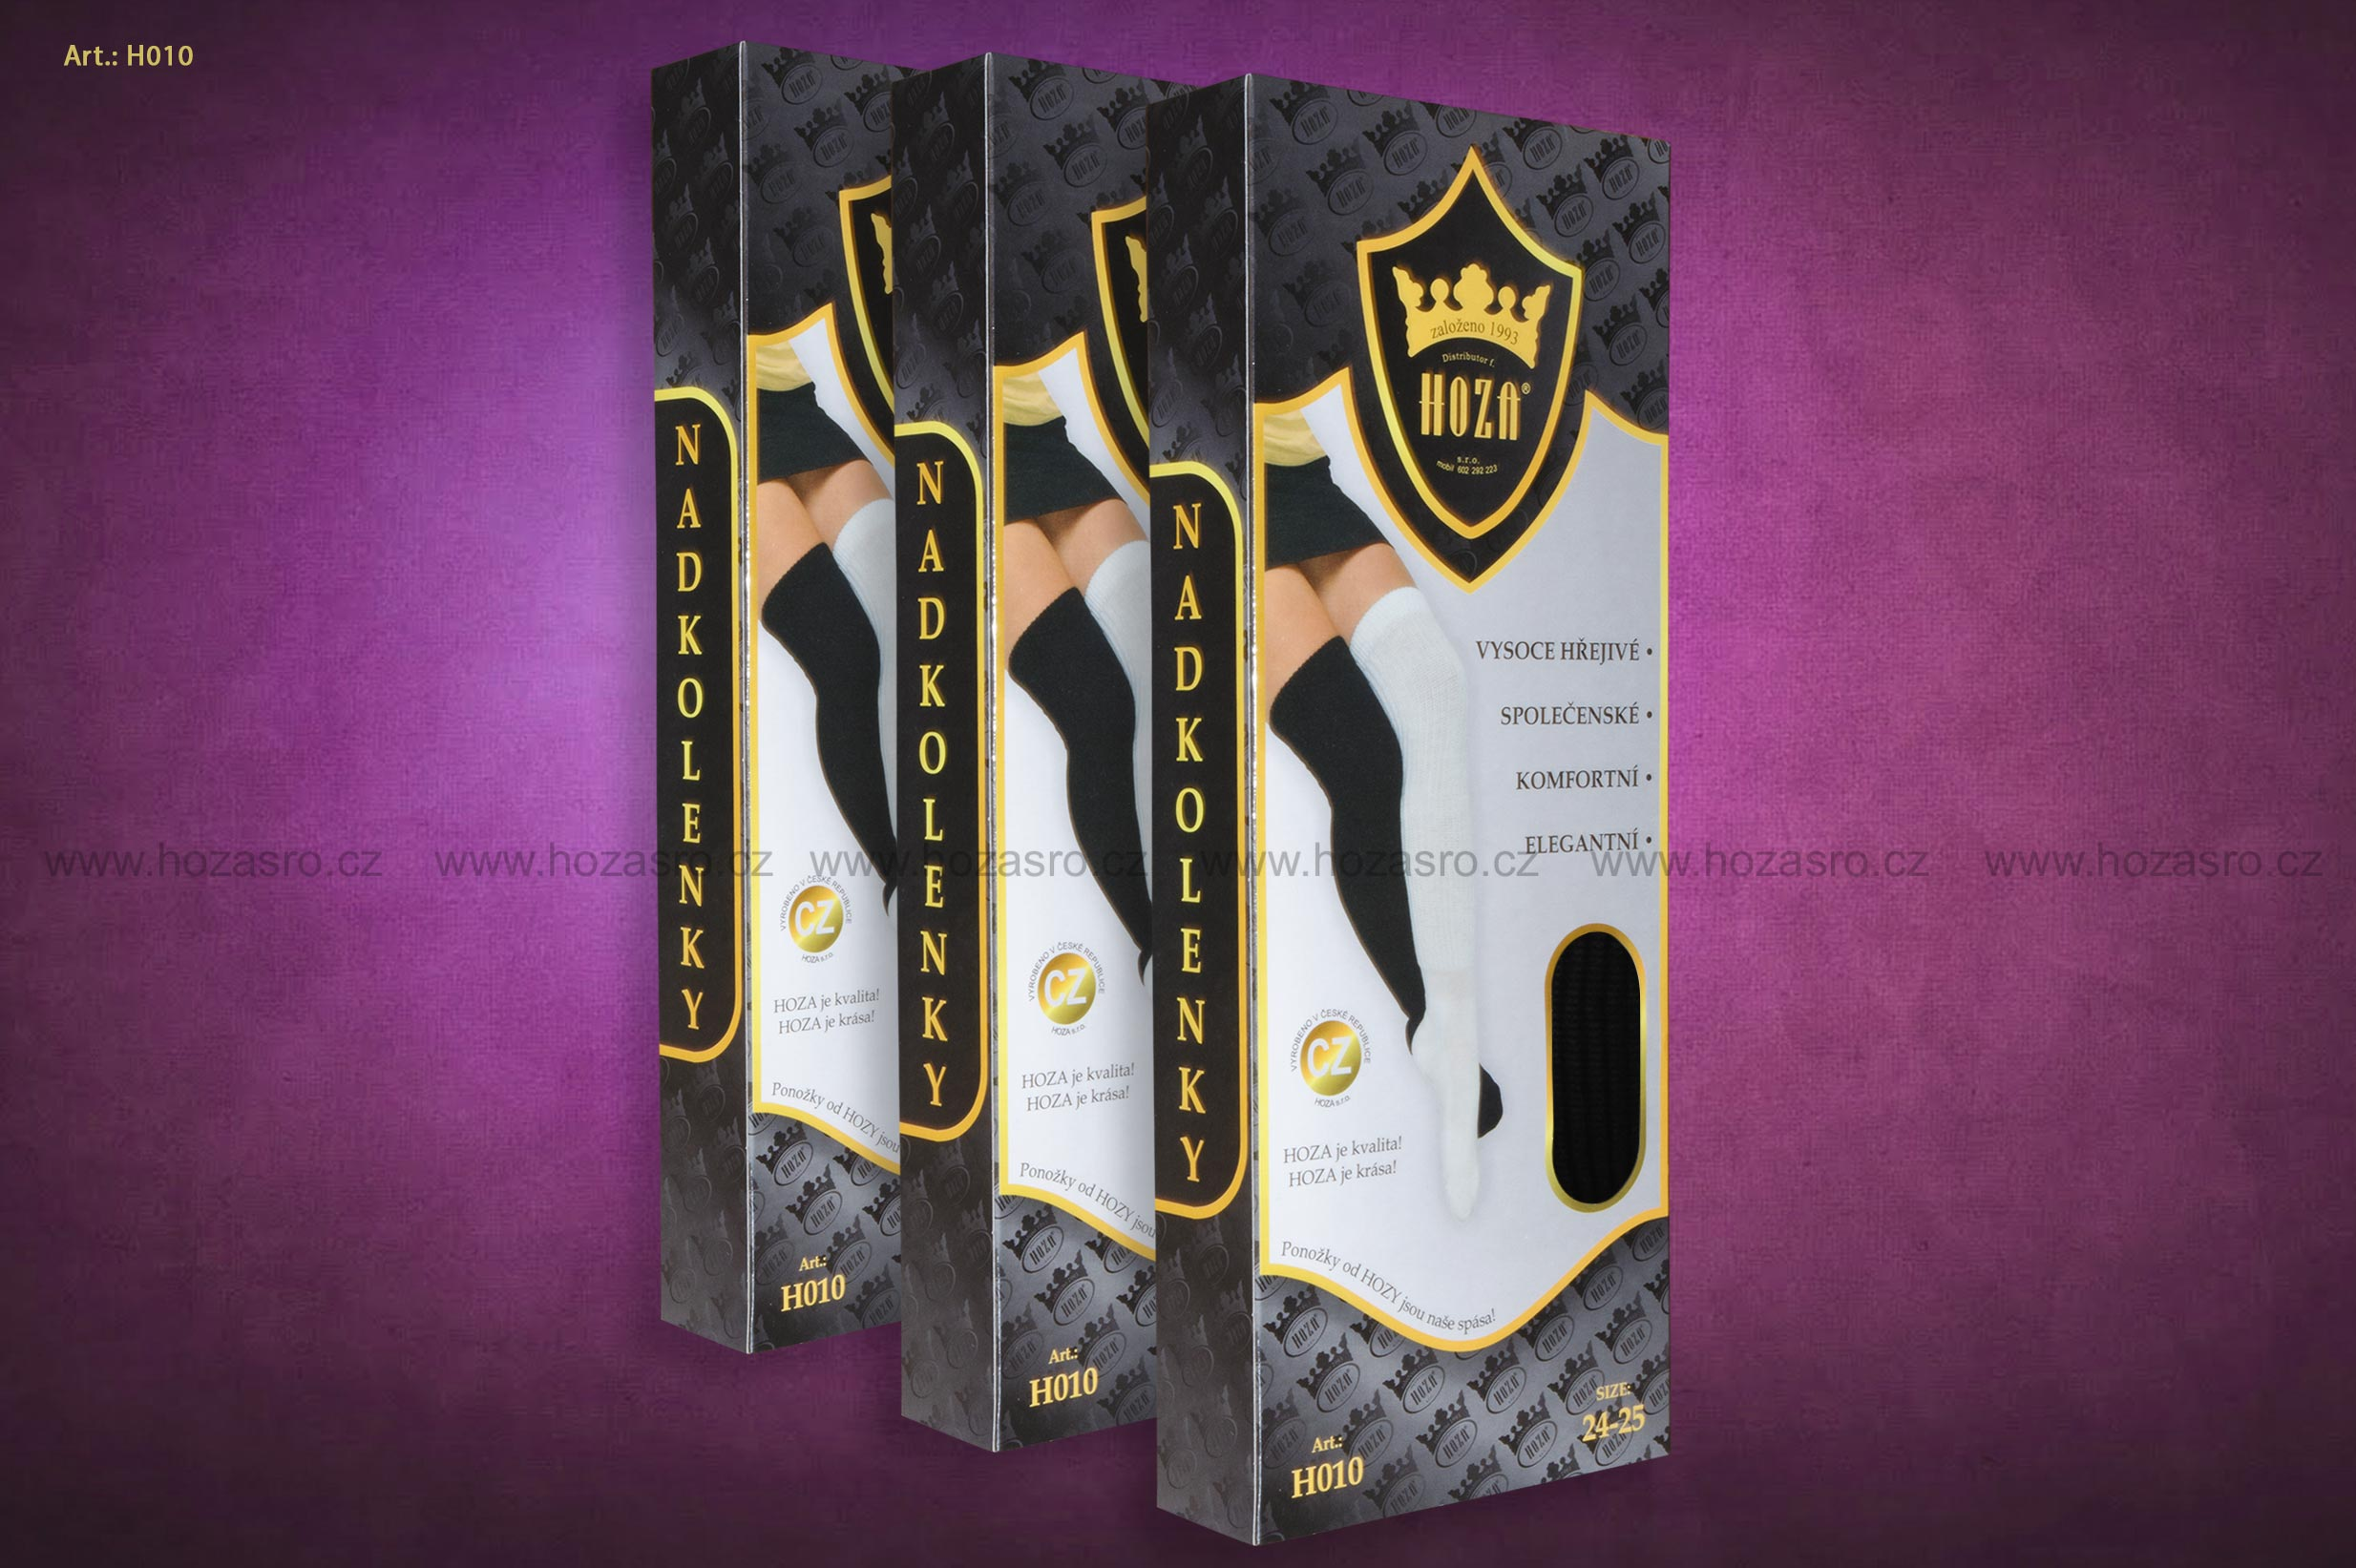 Dámské nadkolenky HOZA hřejivé - akryl - H010